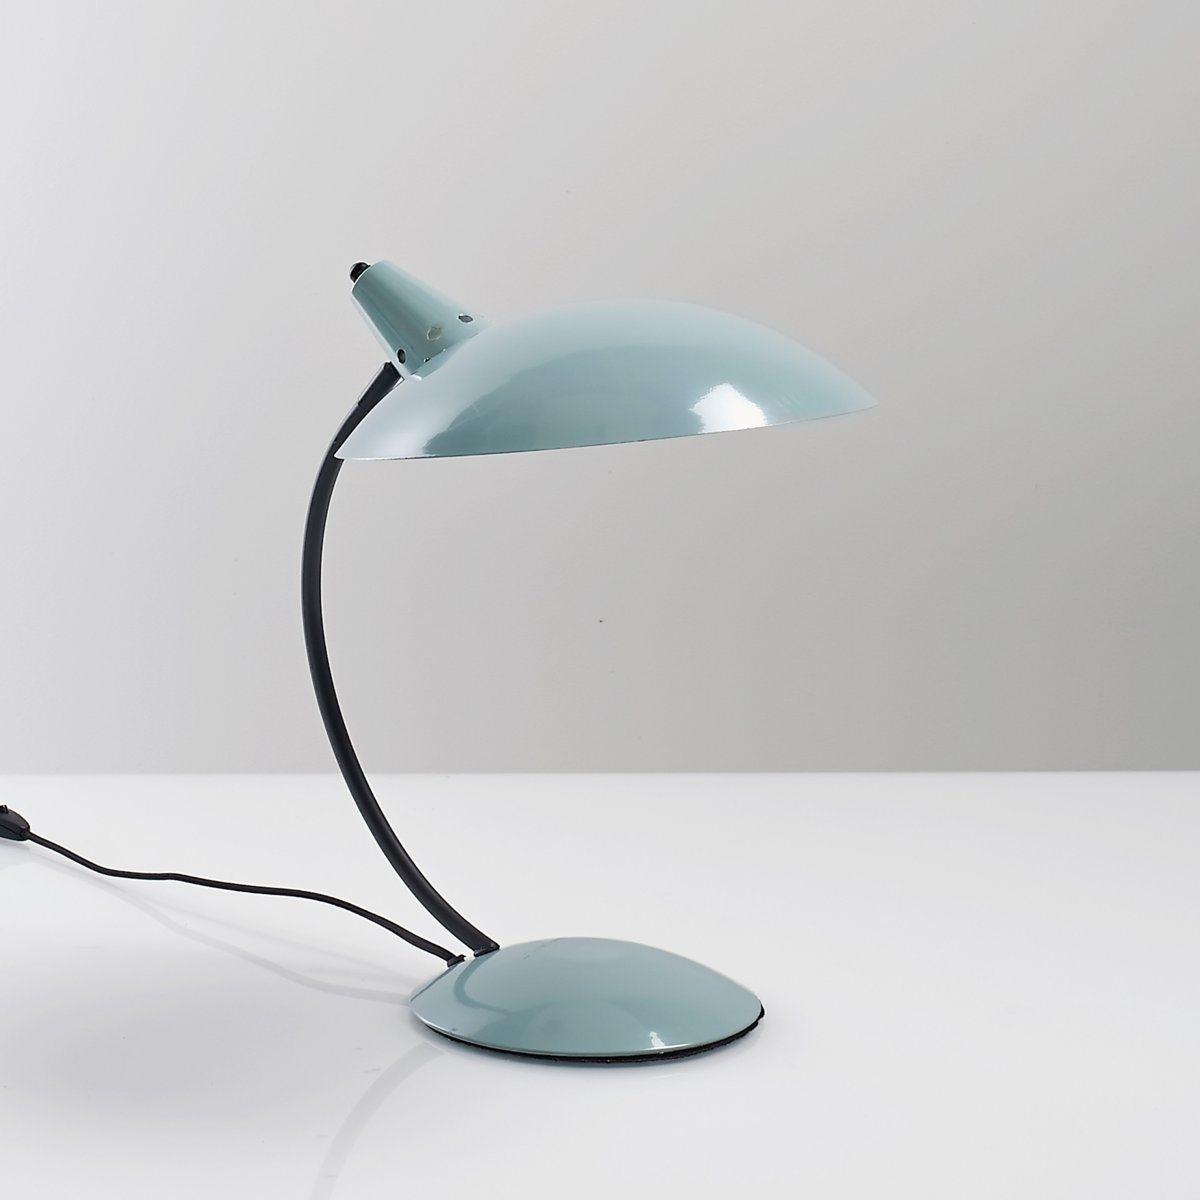 Лампа настольная в винтажном стиле, RosellaЛампа настольная из металла, Rosella .Настольная лампа в винтажном стиле из металла в 2 расцветках : горчичная и черная .Описание лампы, Rosella  :Патрон E14 для флюокомпактной лампочки макс 8W (не входит в комплект)  Этот светильник совместим с лампочками    энергетического класса   : AХарактеристики лампы, Rosella  :Из металла с эпоксидным покрытиемЭлектрический кабель из черного текстиля Всю коллекцию светильников вы можете найти на сайте laredoute.ru. Размеры лампы, Rosella :Ширина : 40 смВысота : 42 смАбажур : диаметр 30 см .<br><br>Цвет: бледно-зеленый